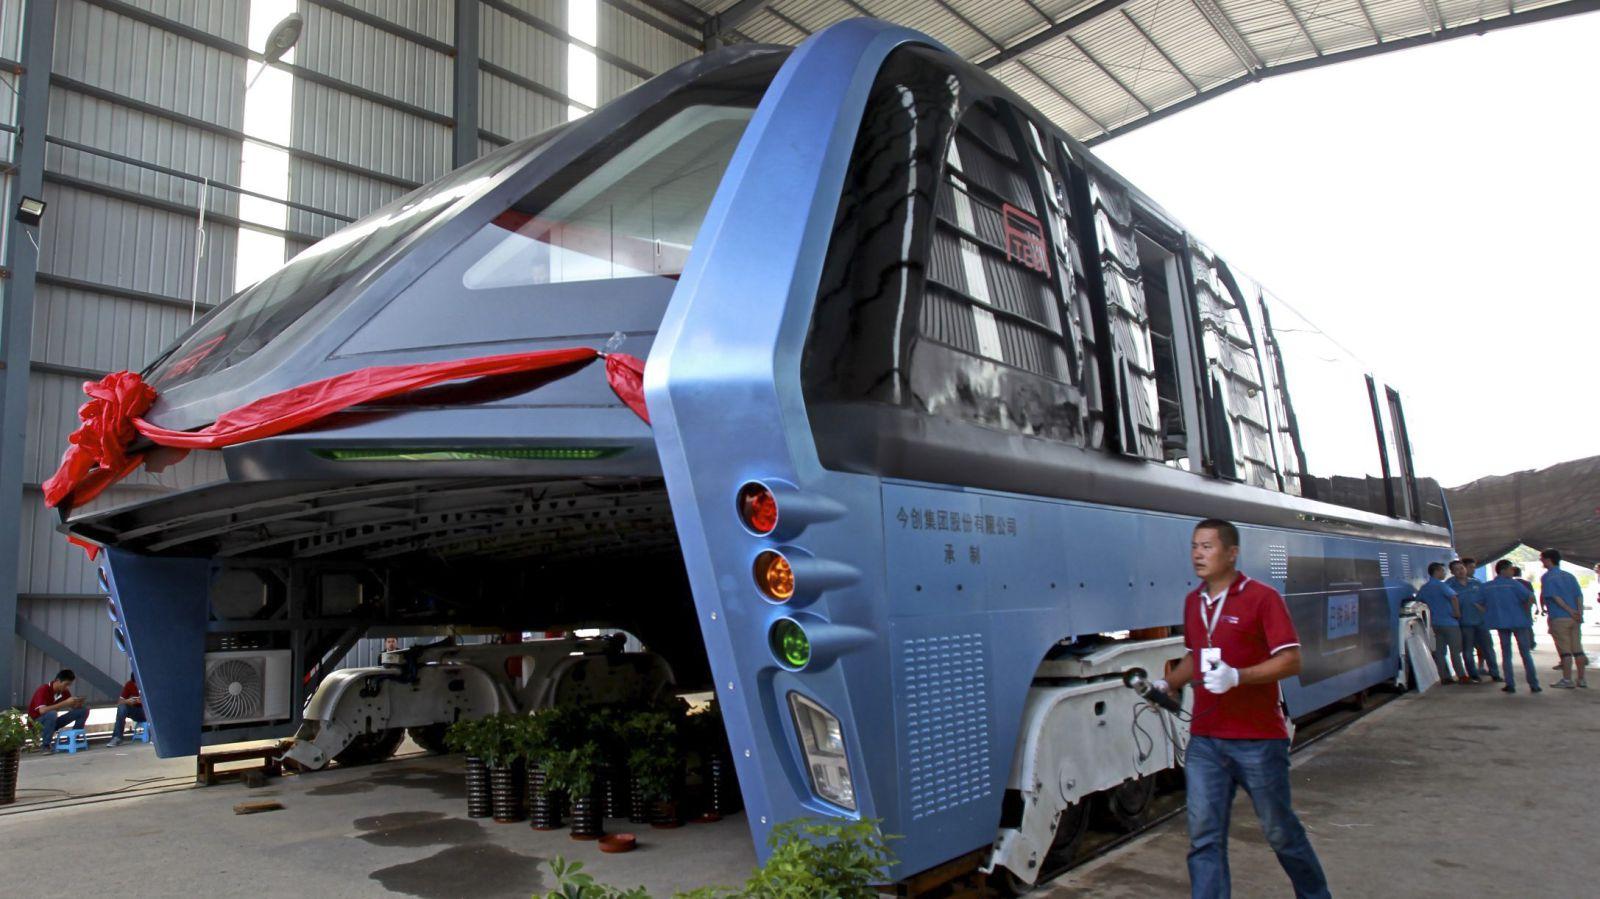 Создателей «автобуса будущего» обвинили вмошенничестве— КНР